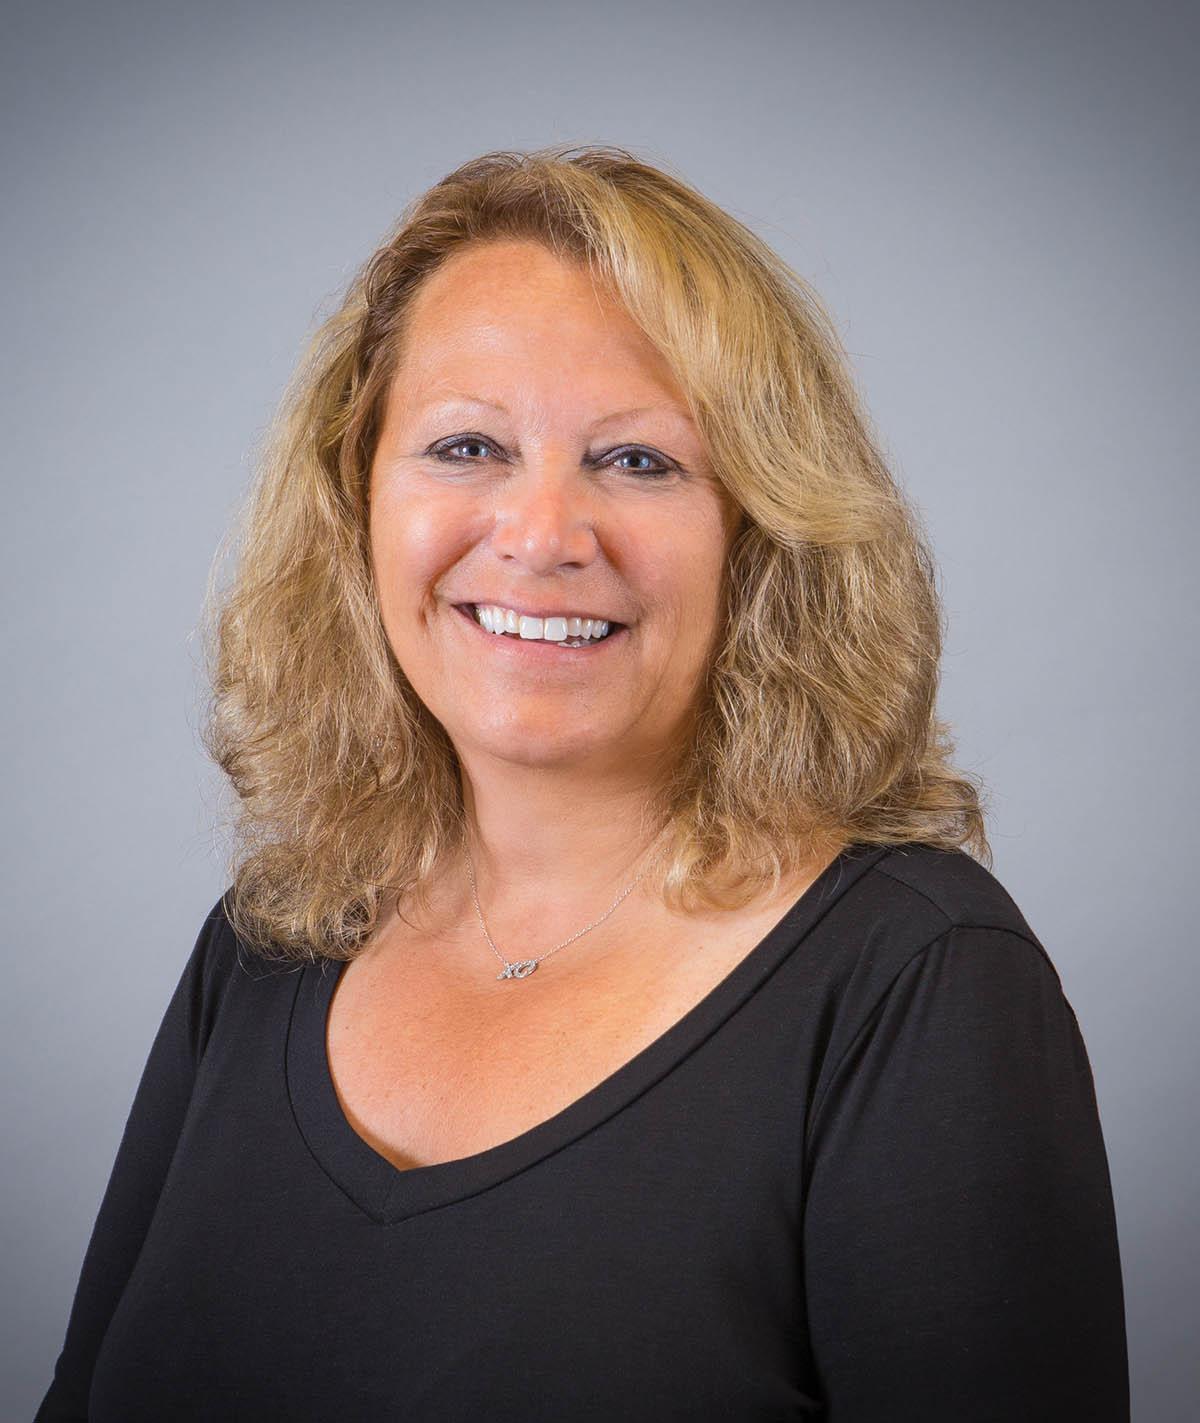 Monona Bank Loan Specialist Judy Ketelboeter